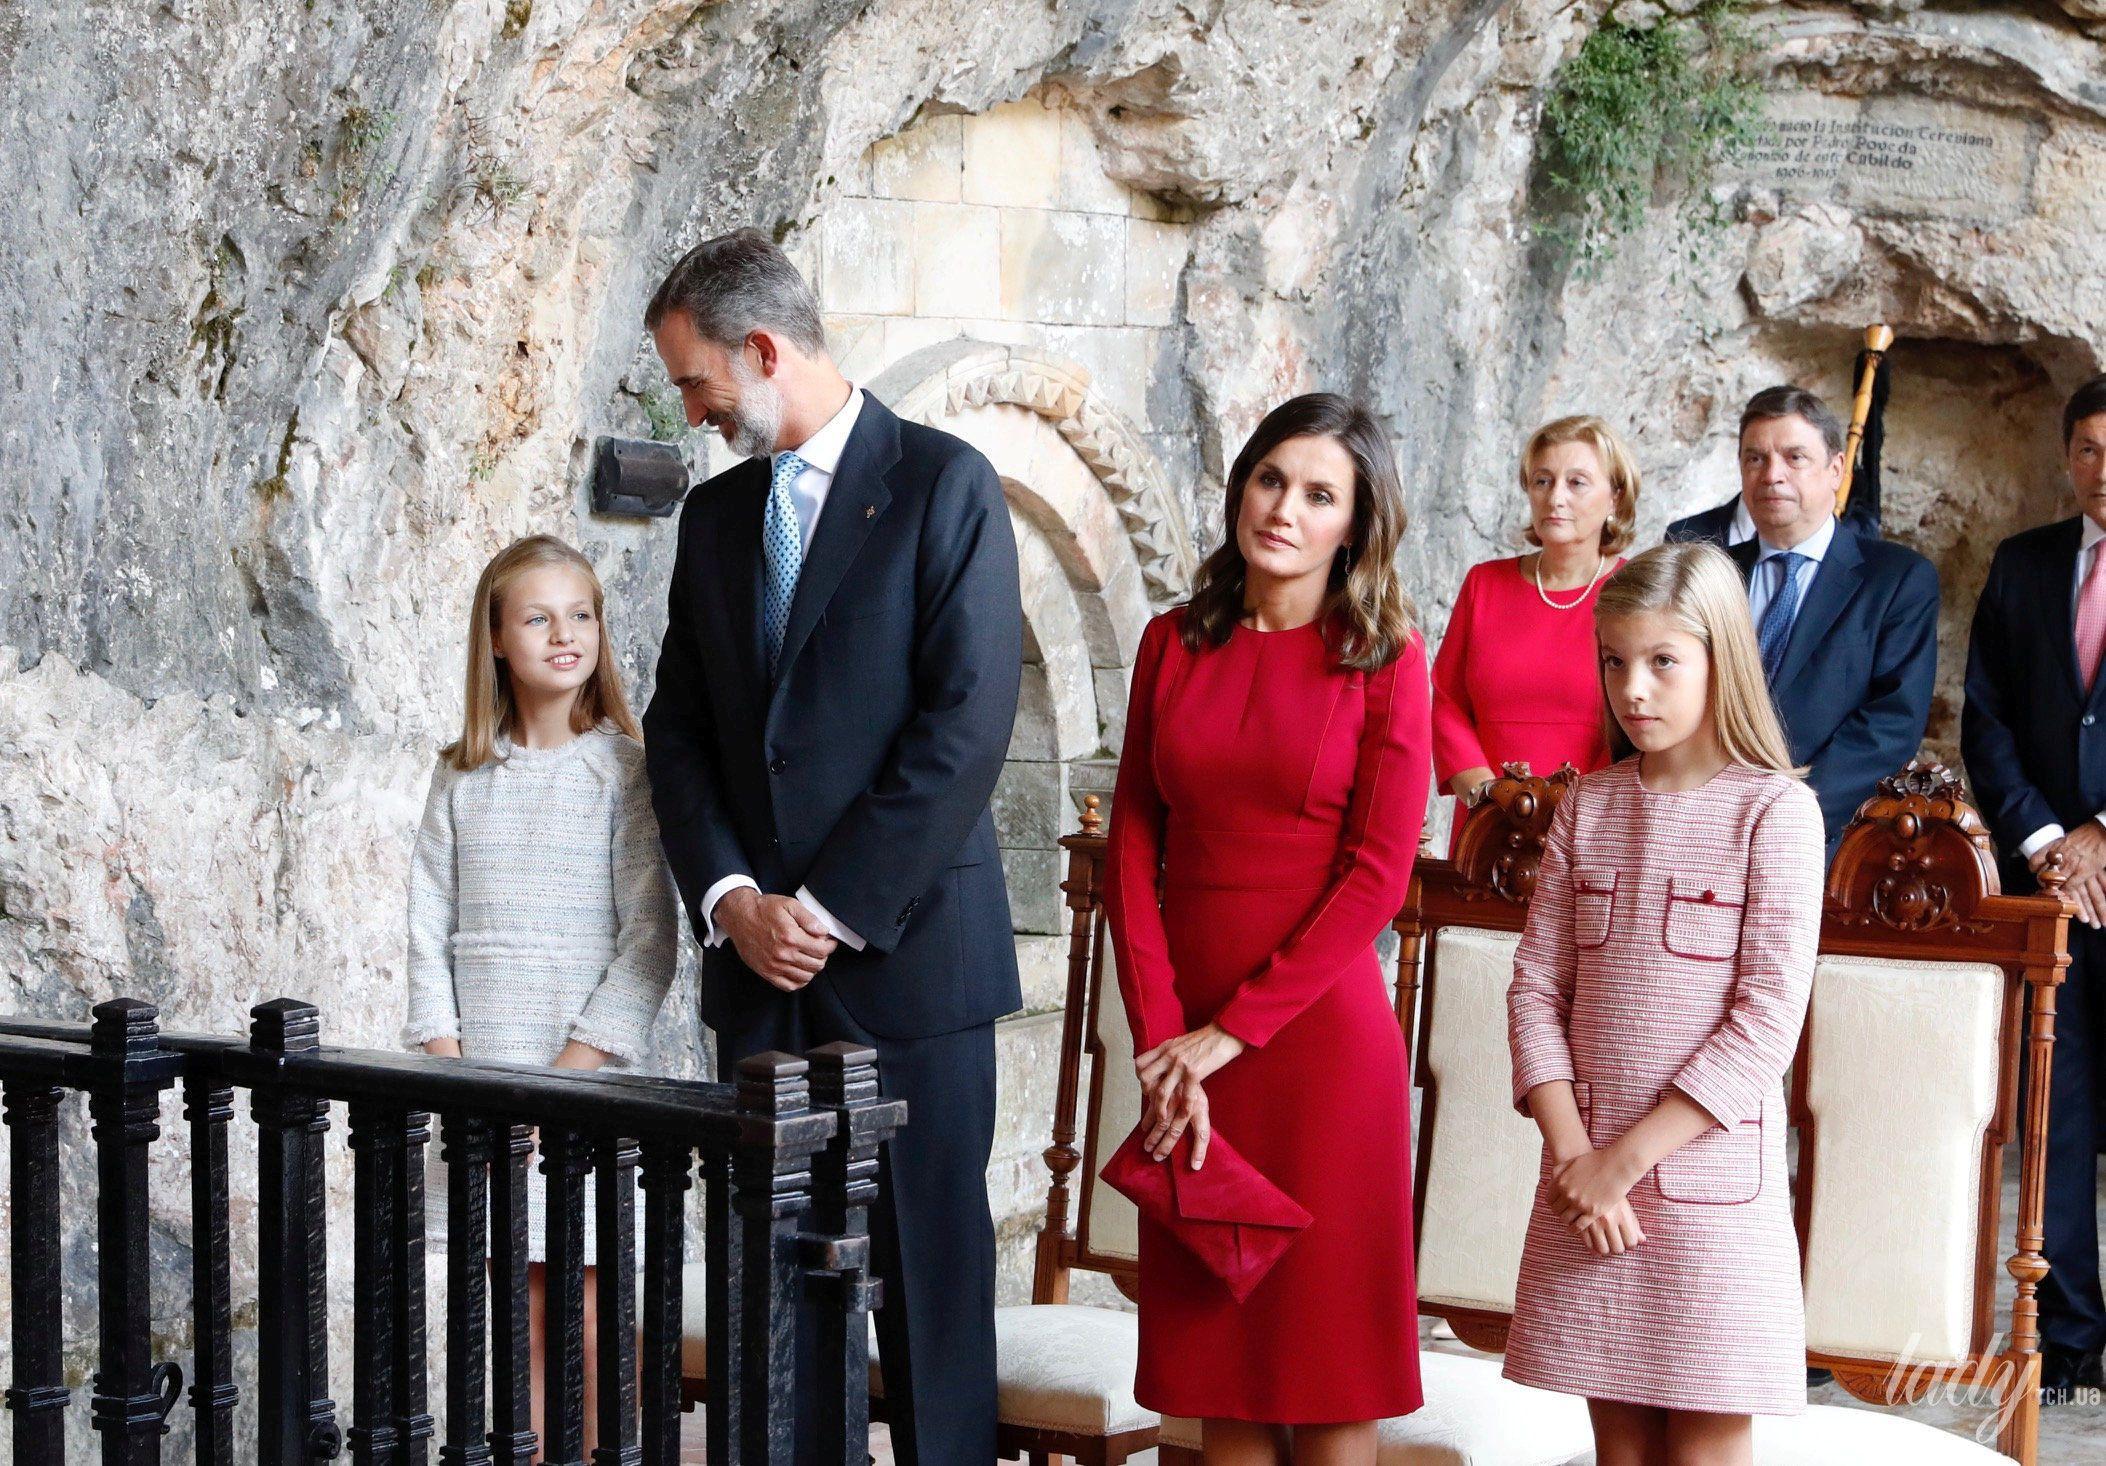 Испанская королевская семья: принц Филипп, королева Летиция, принцессы Леонор и София._10